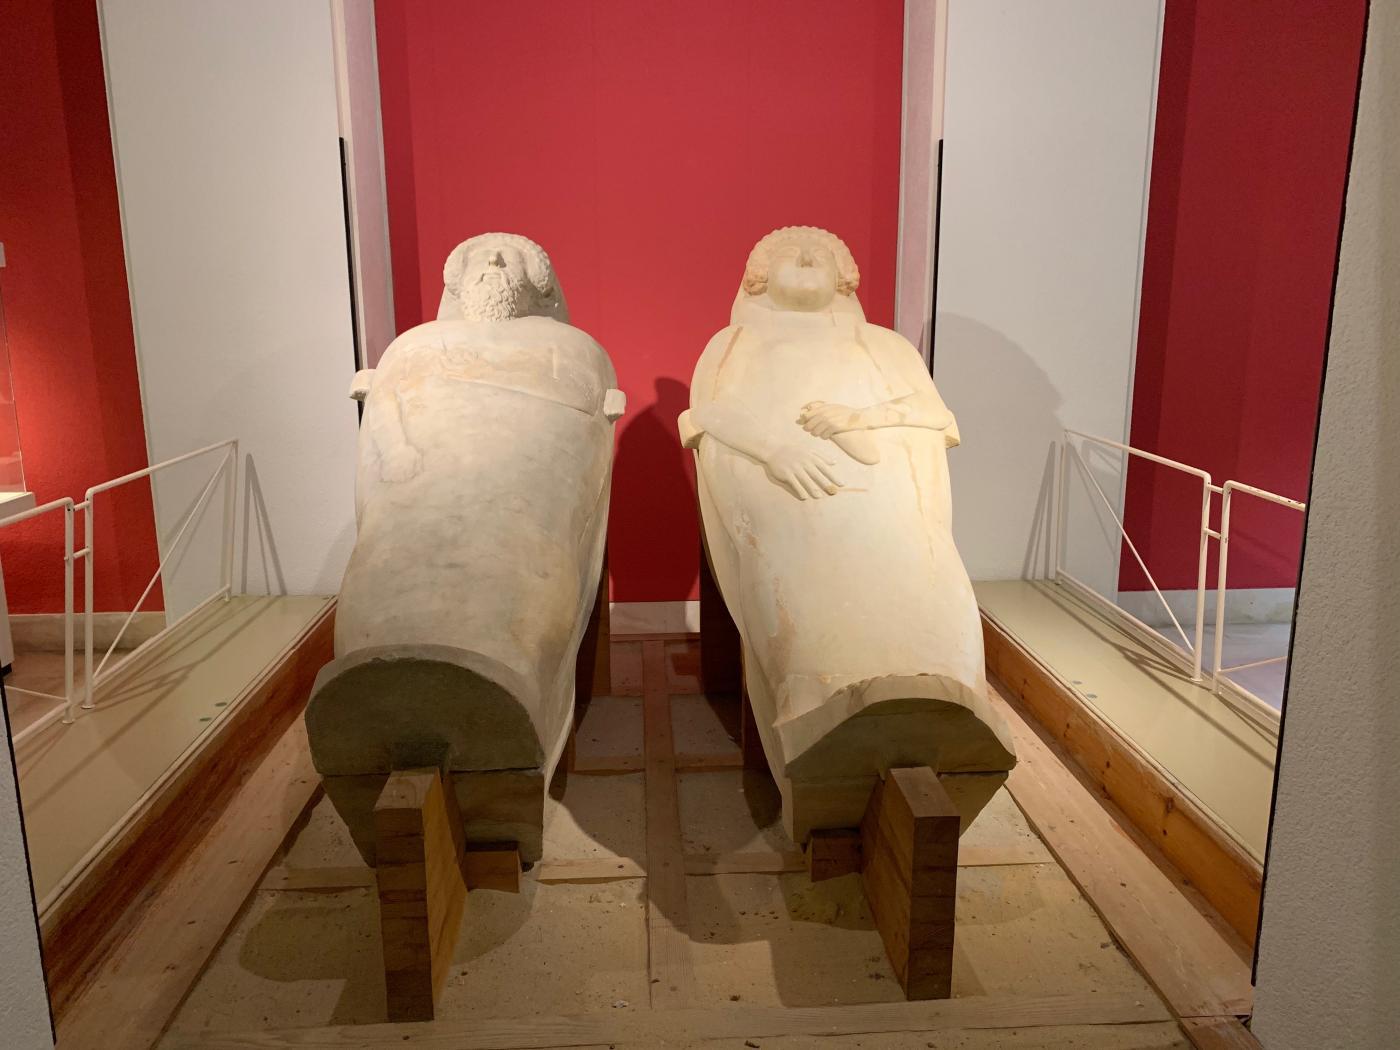 Un patrimonio cultural único | Andalucía Información. Todas las noticias de Cádiz